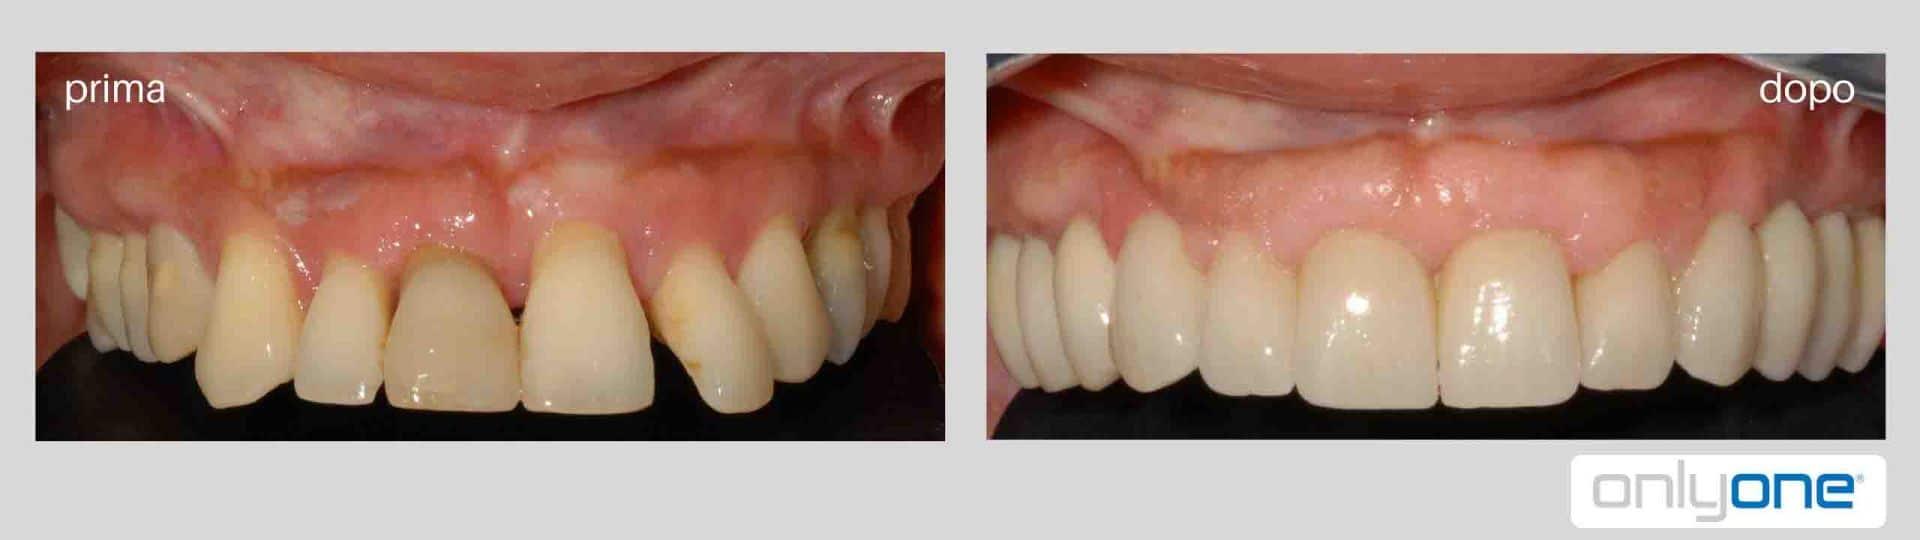 impianti dentali arcata superiore prima e dopo